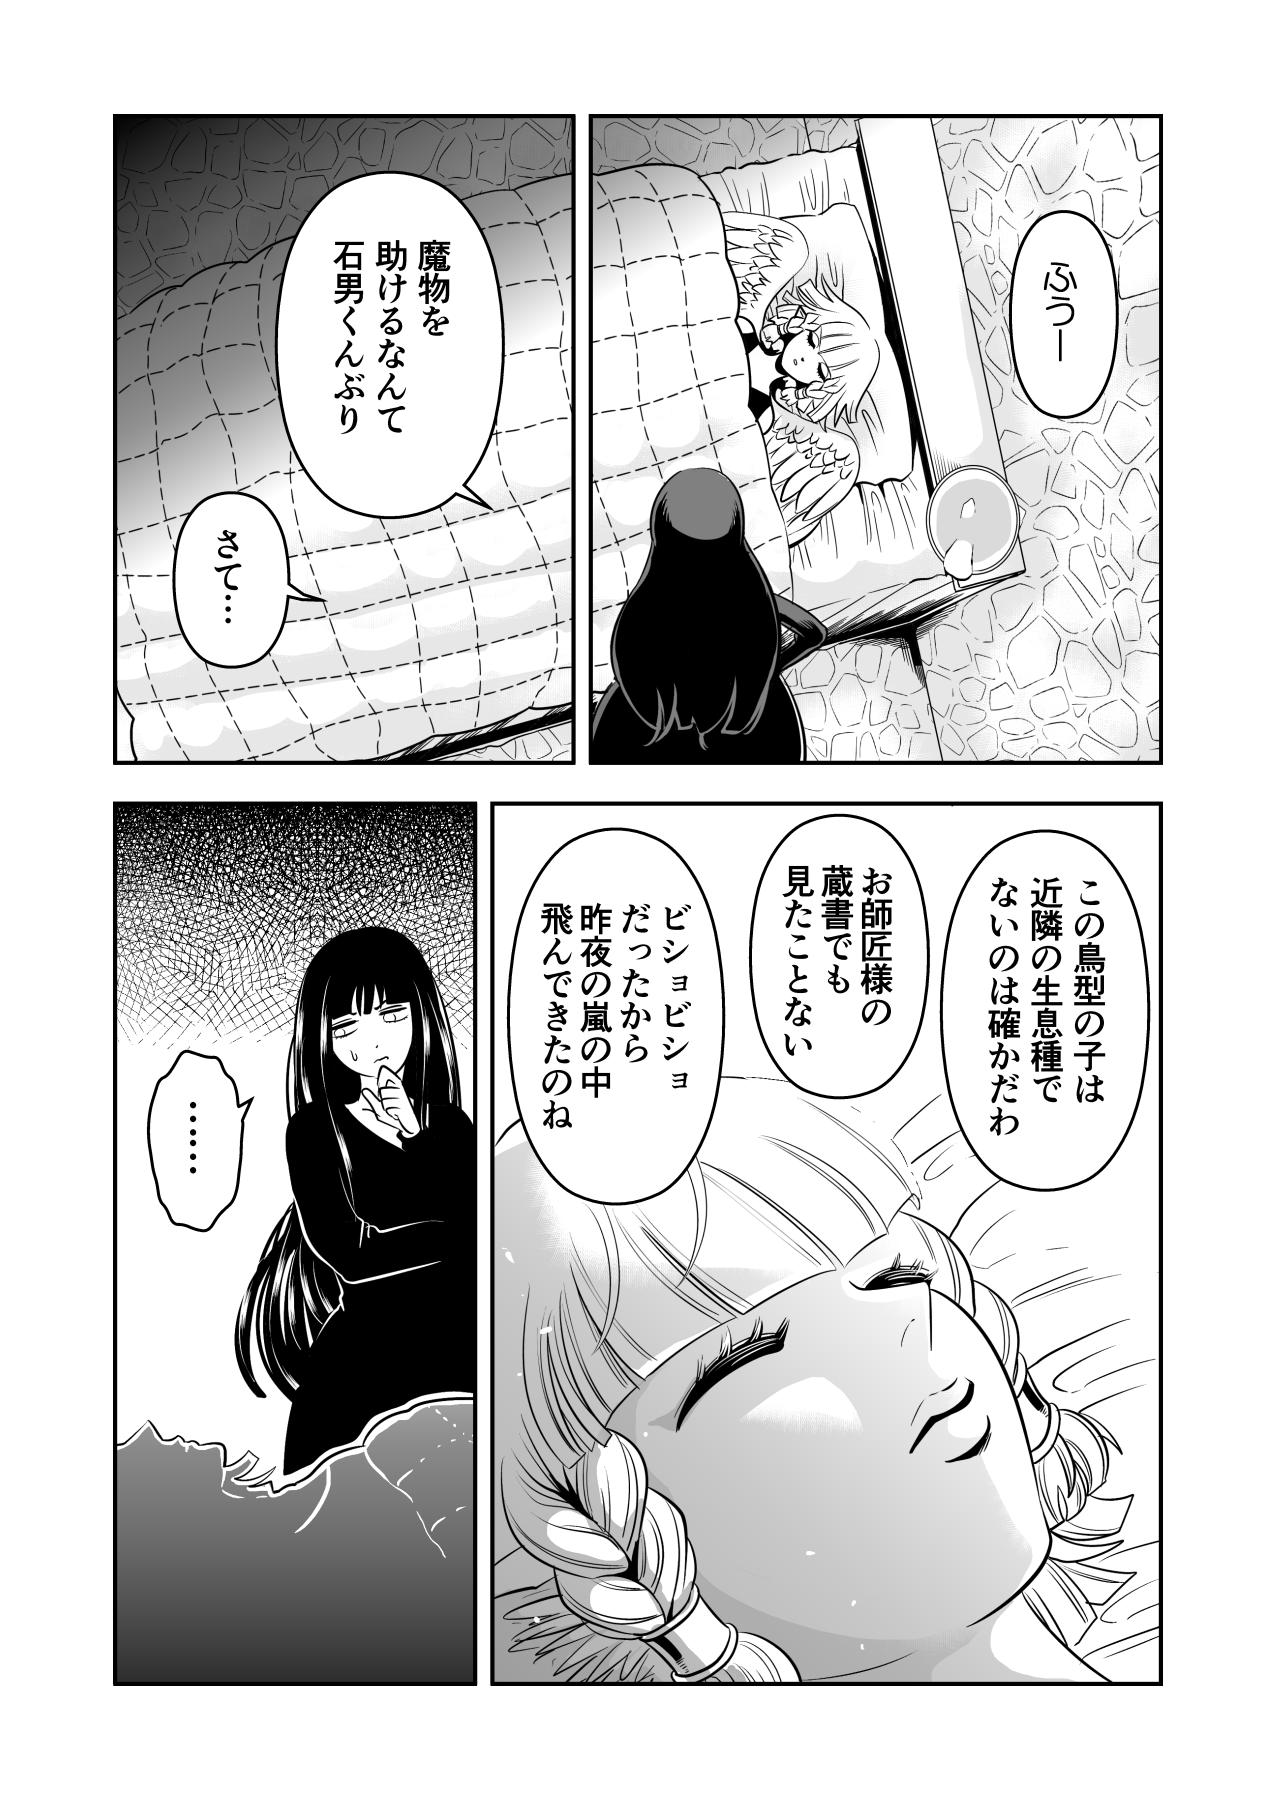 ヤサグレ魔女とグリザベッラと魔女の使い魔0011